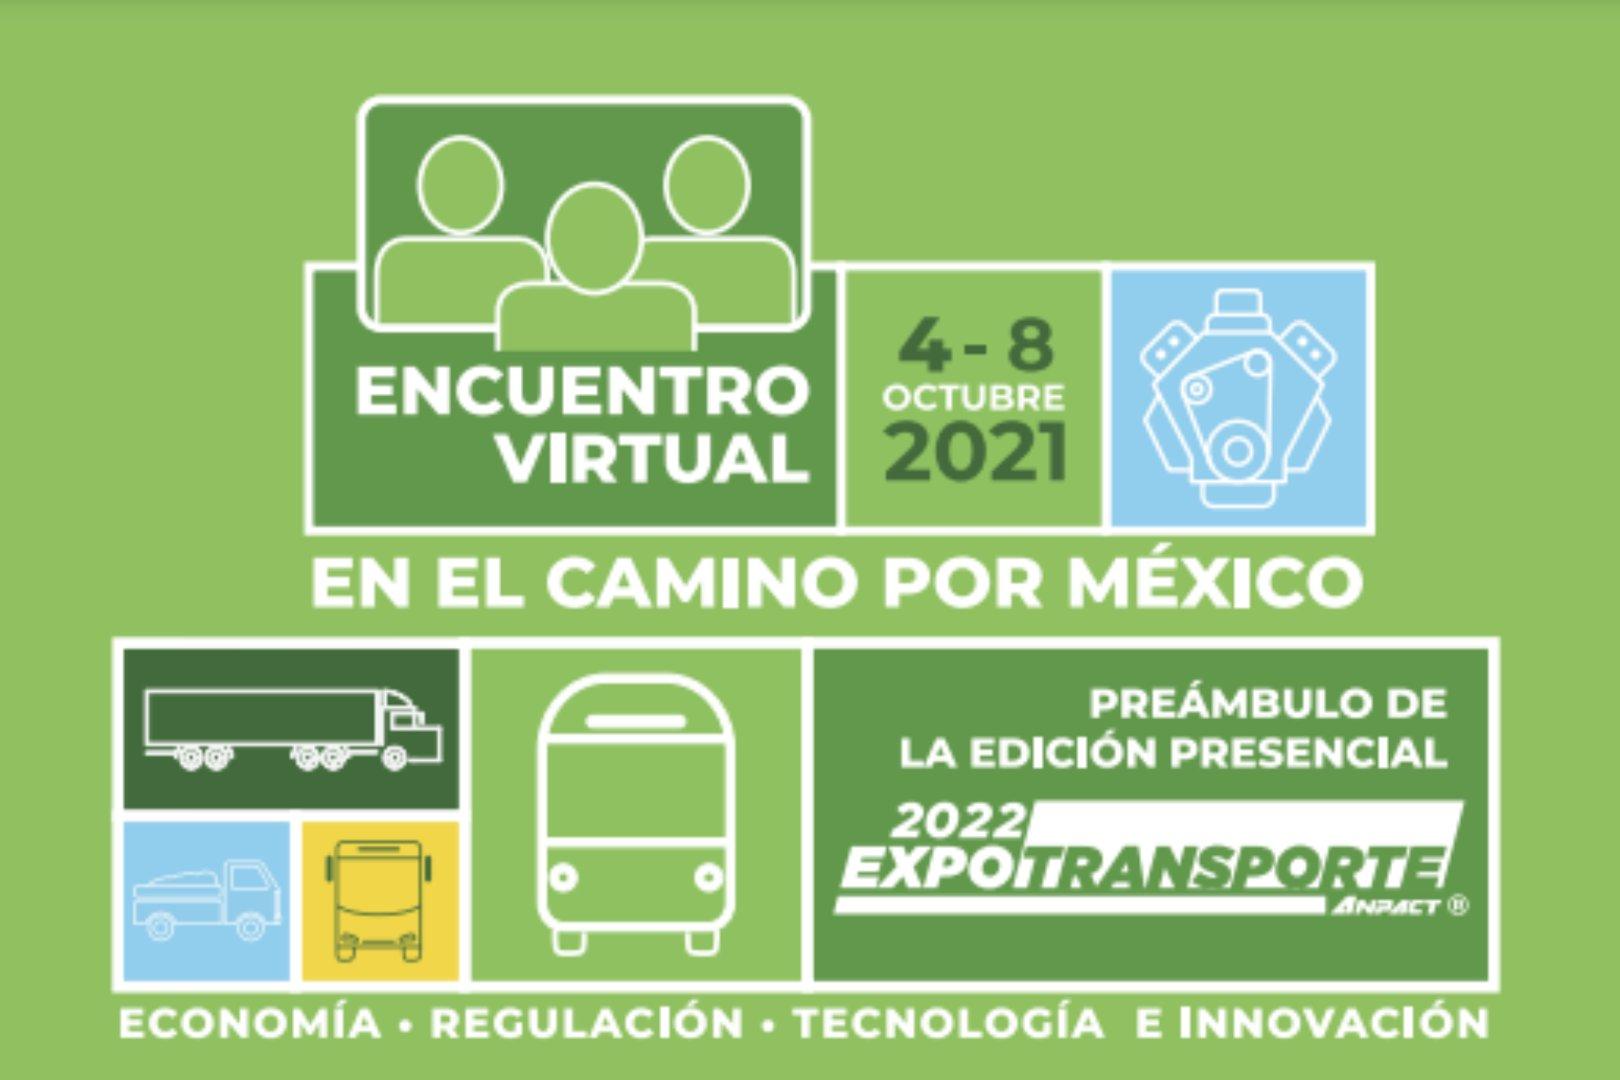 Encuentro Virtual Expo Transporte ANPACT